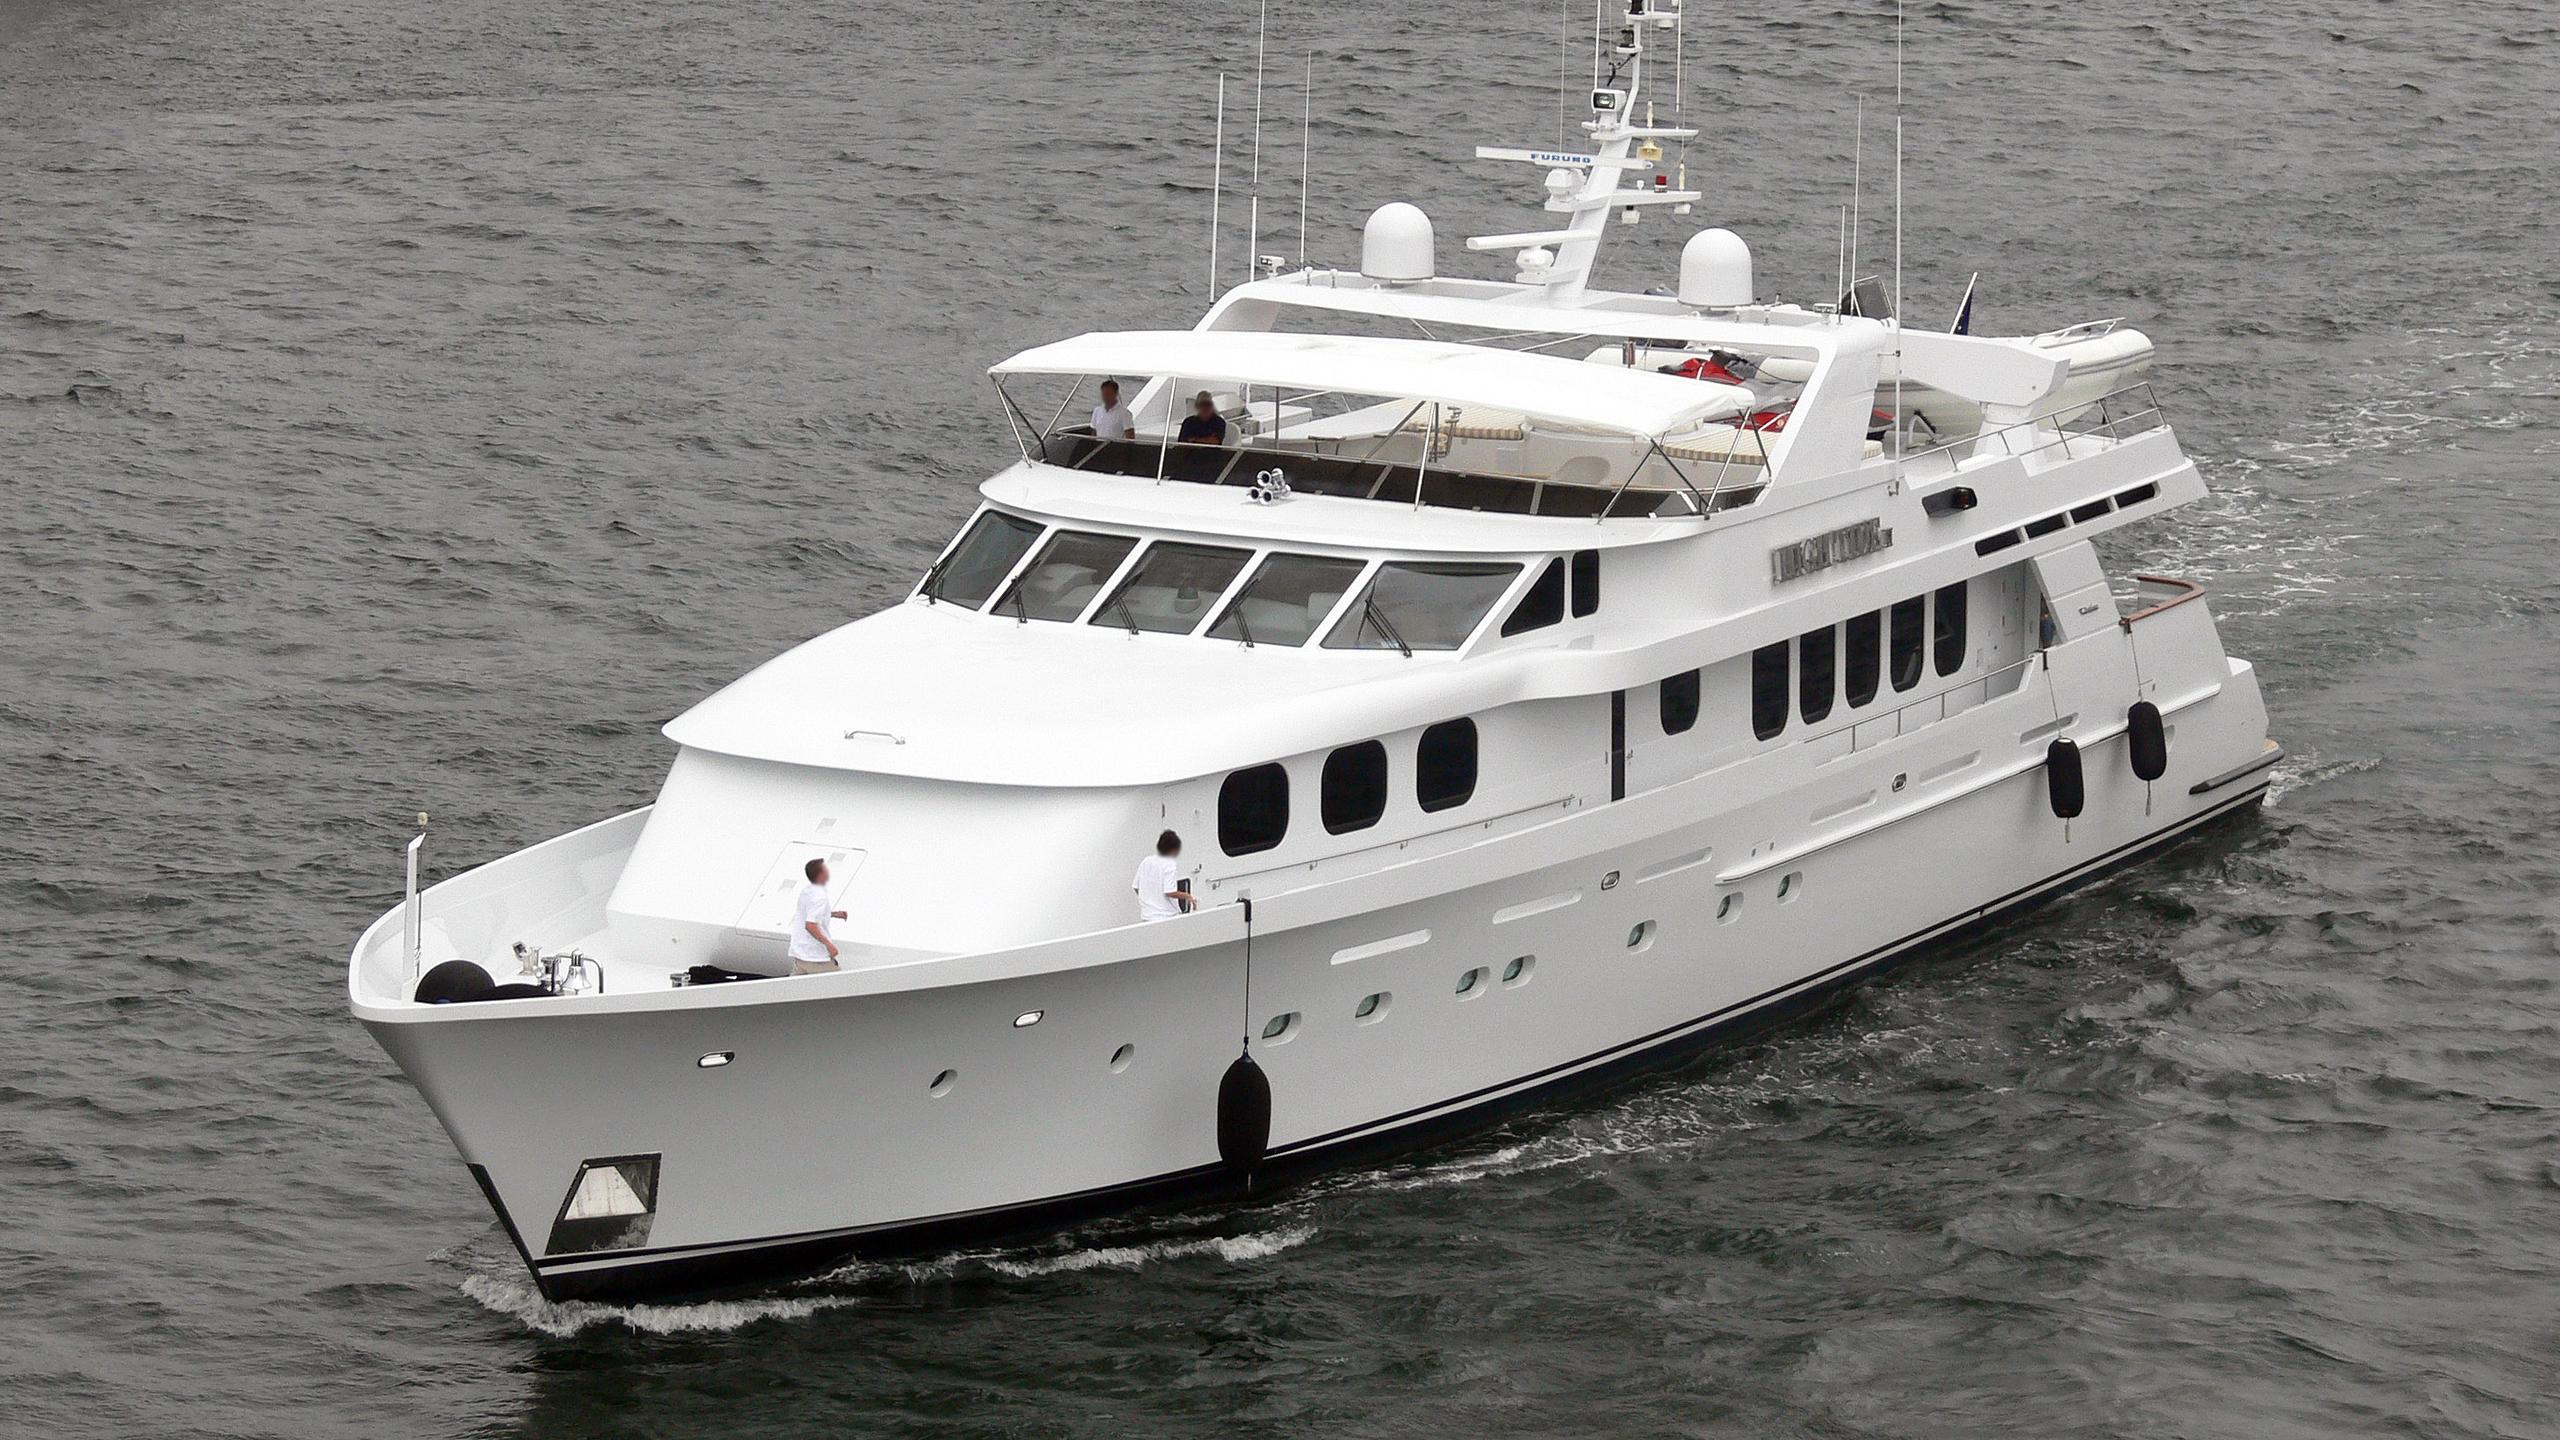 cachee-motor-yacht-christensen-1999-38m-half-profile